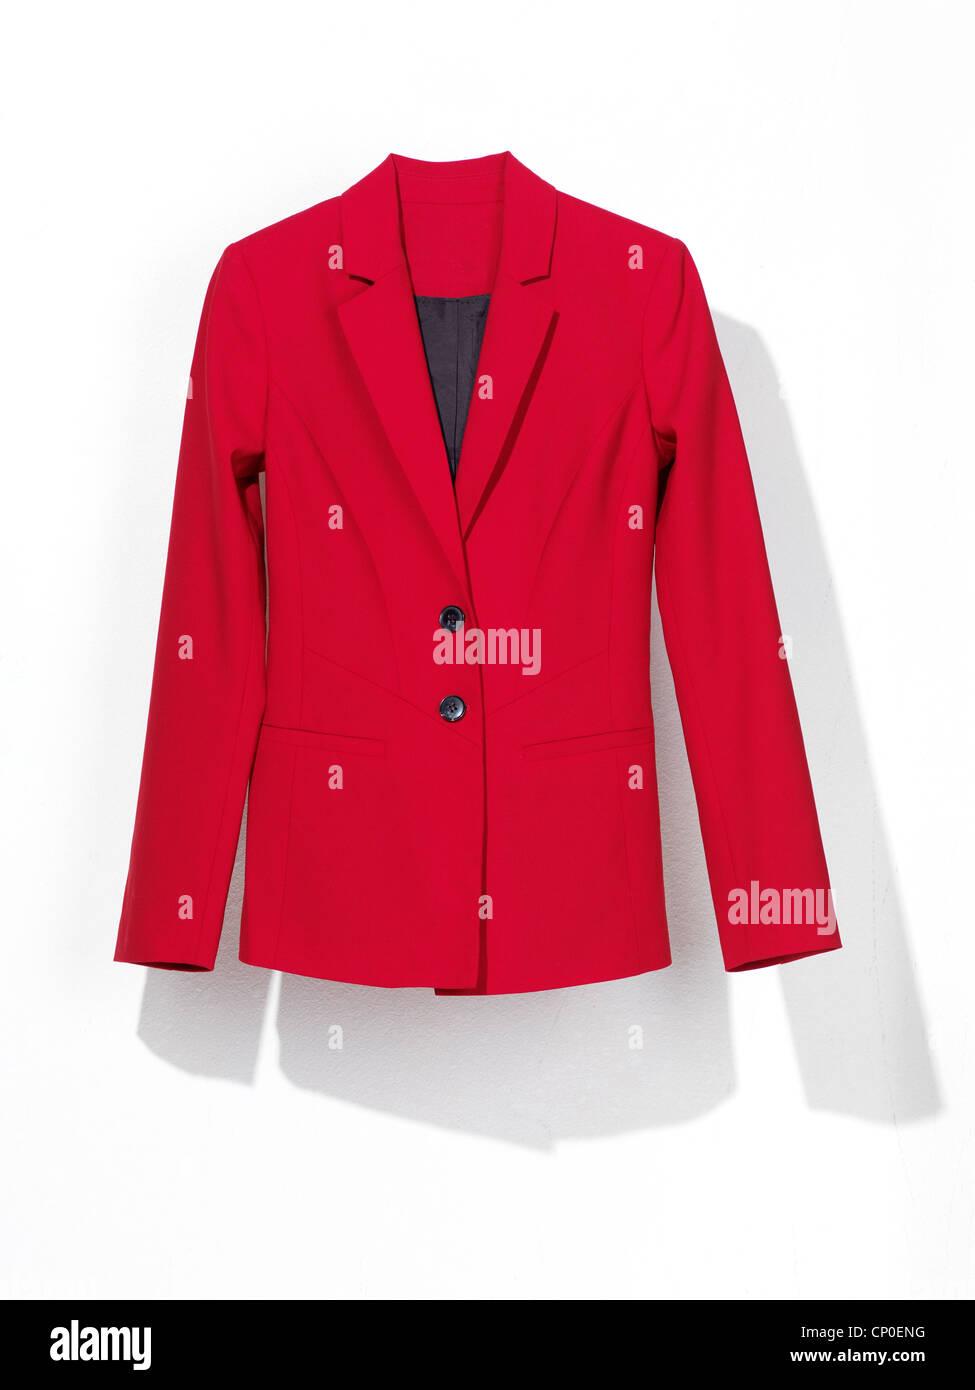 Rote Damen Anzug Mantel Isoliert Auf Weißem Hintergrund Stockfoto